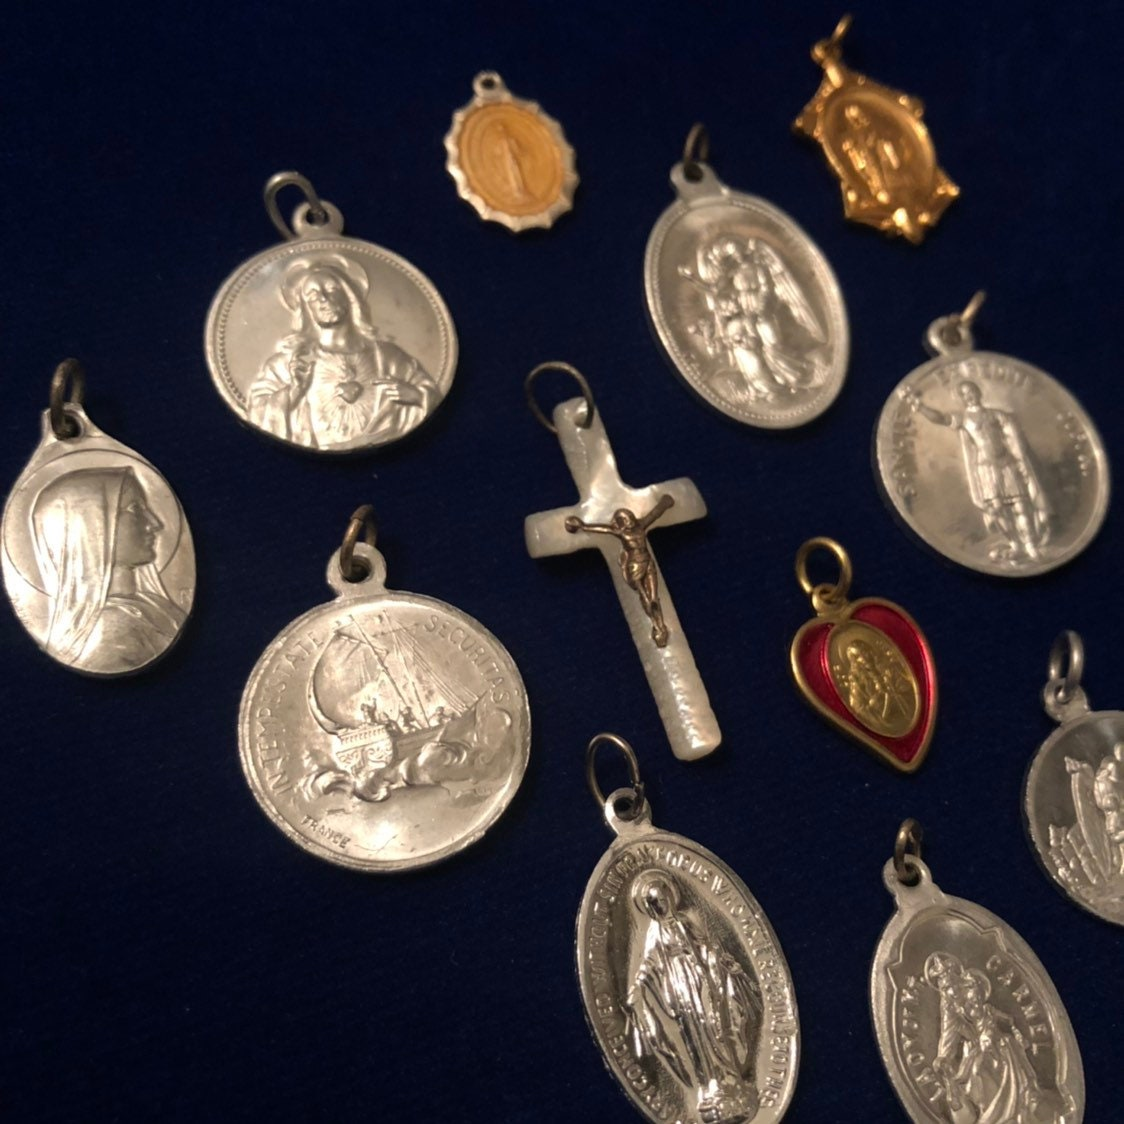 12pcs VINTAGE RELIGIOUS LOT Fabulous Medals Mix Pearl